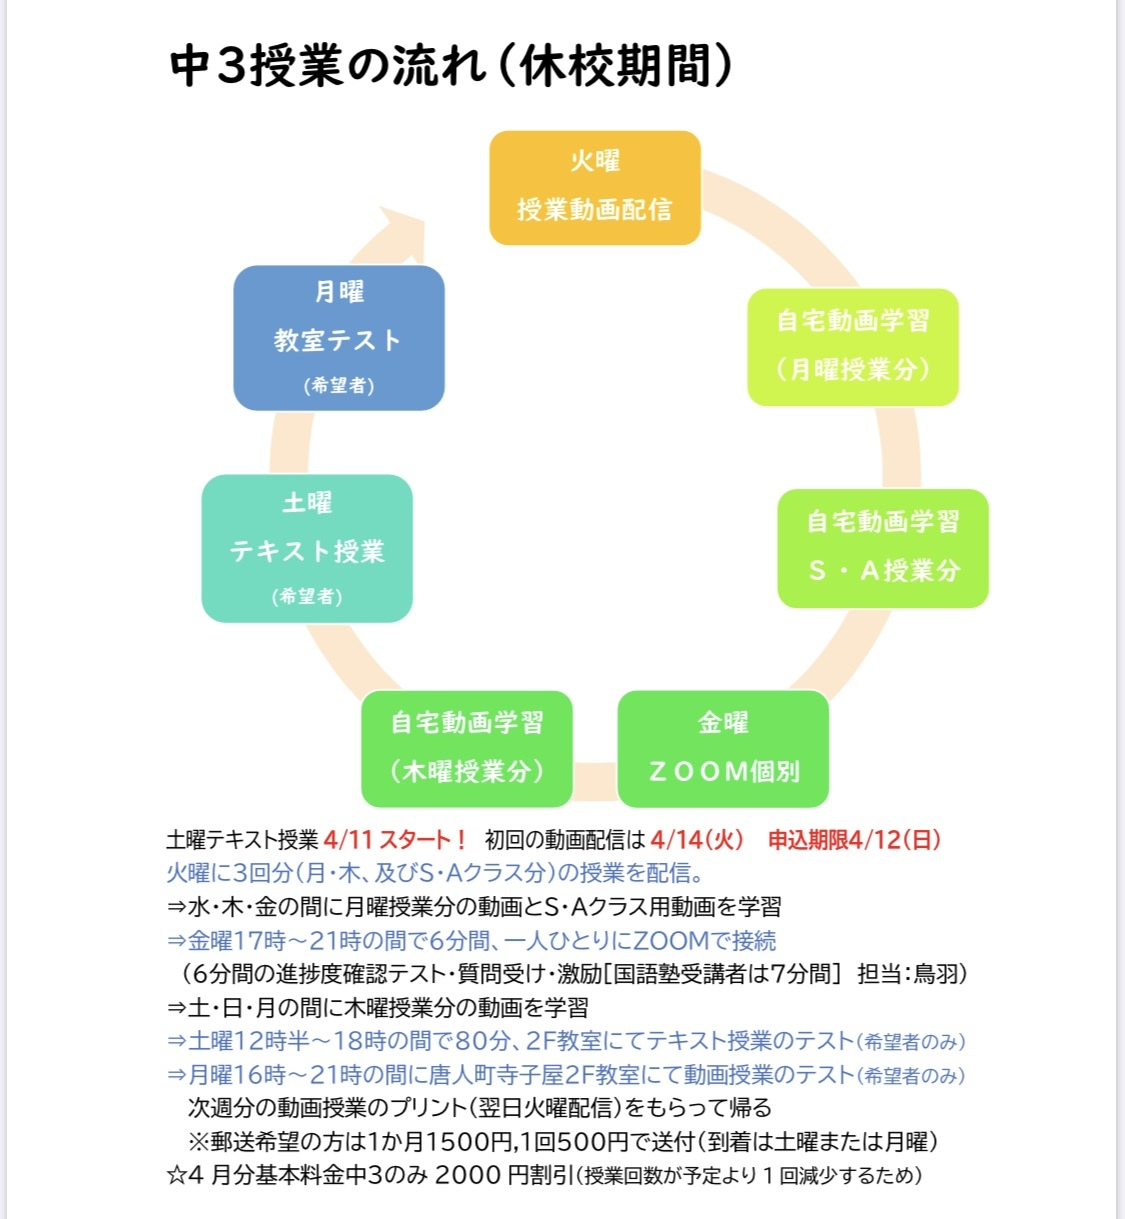 新年度の中学コース授業について【休校期間】_d0116009_02134089.jpg